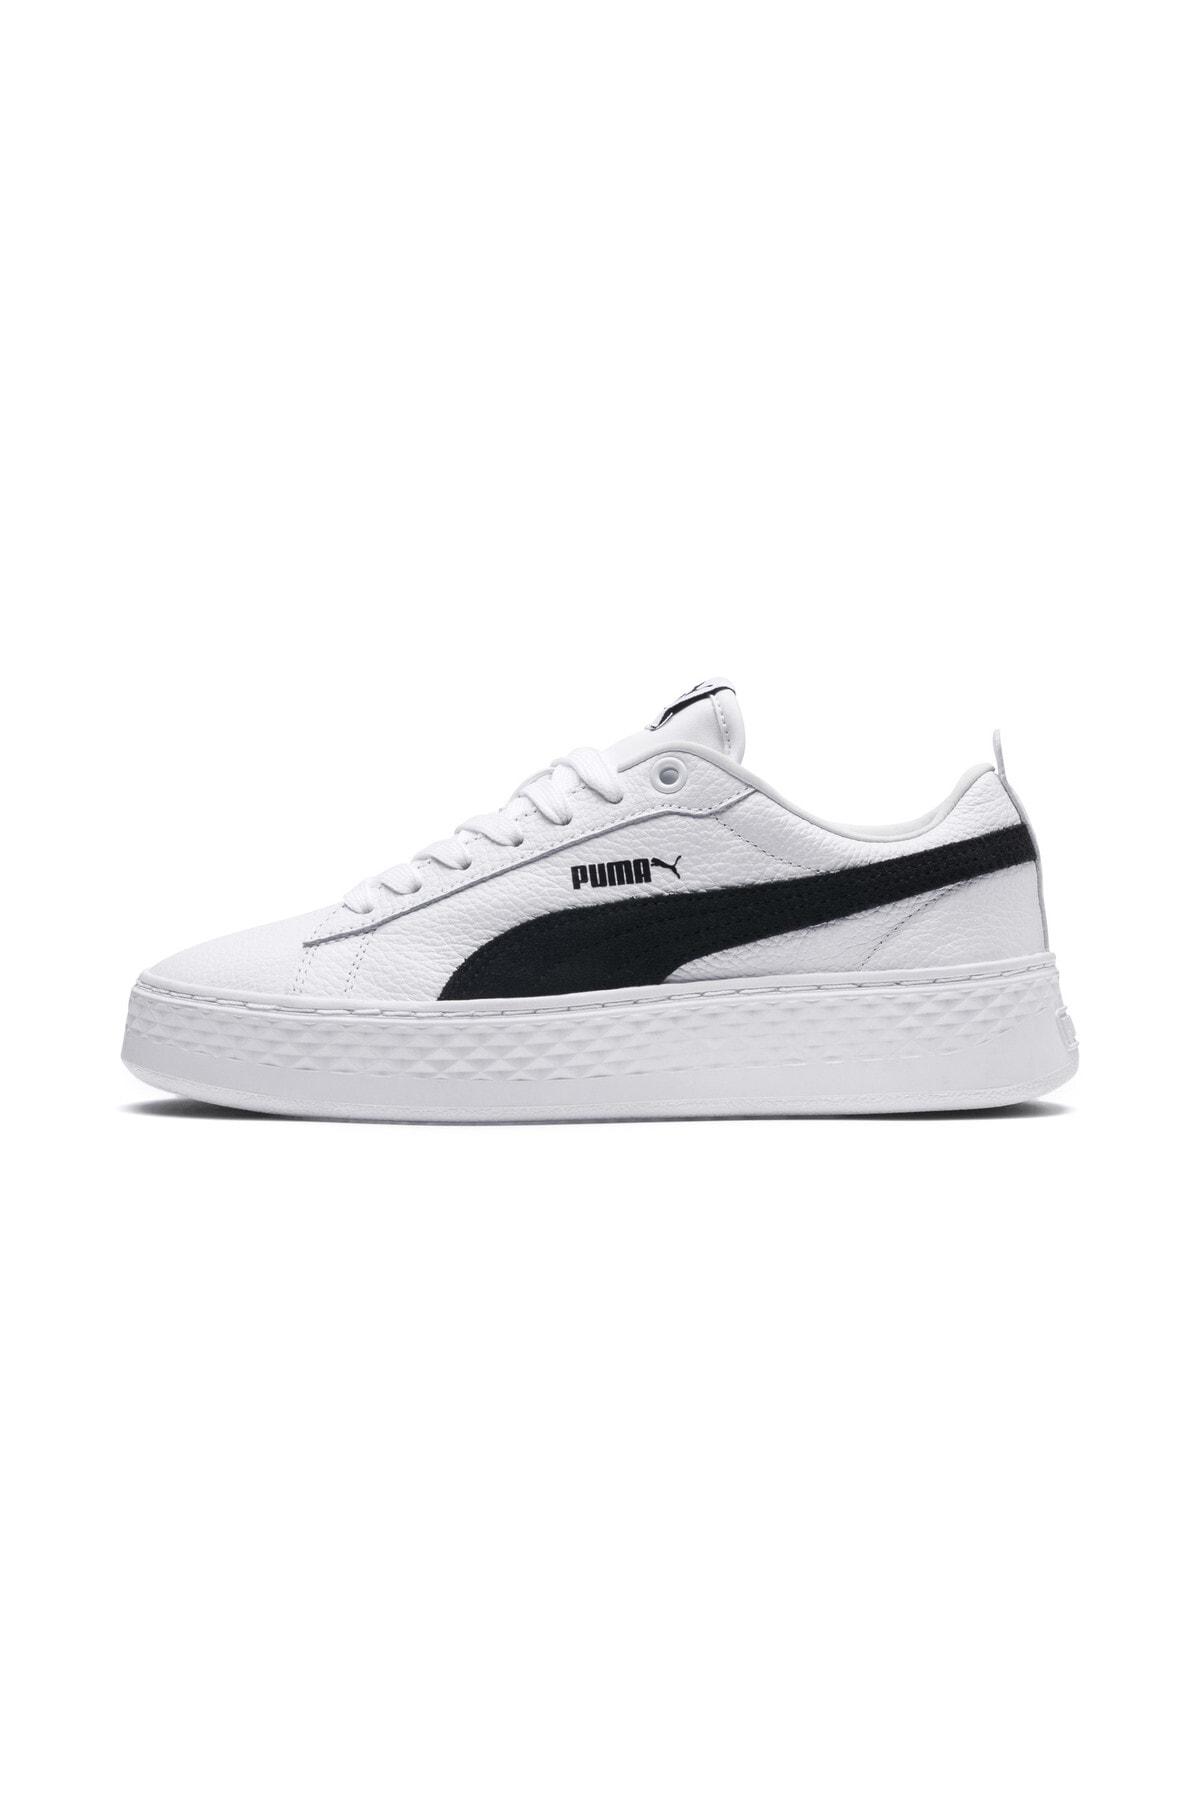 SMASH PLATFORM L Beyaz Kadın Sneaker Ayakkabı 101119221